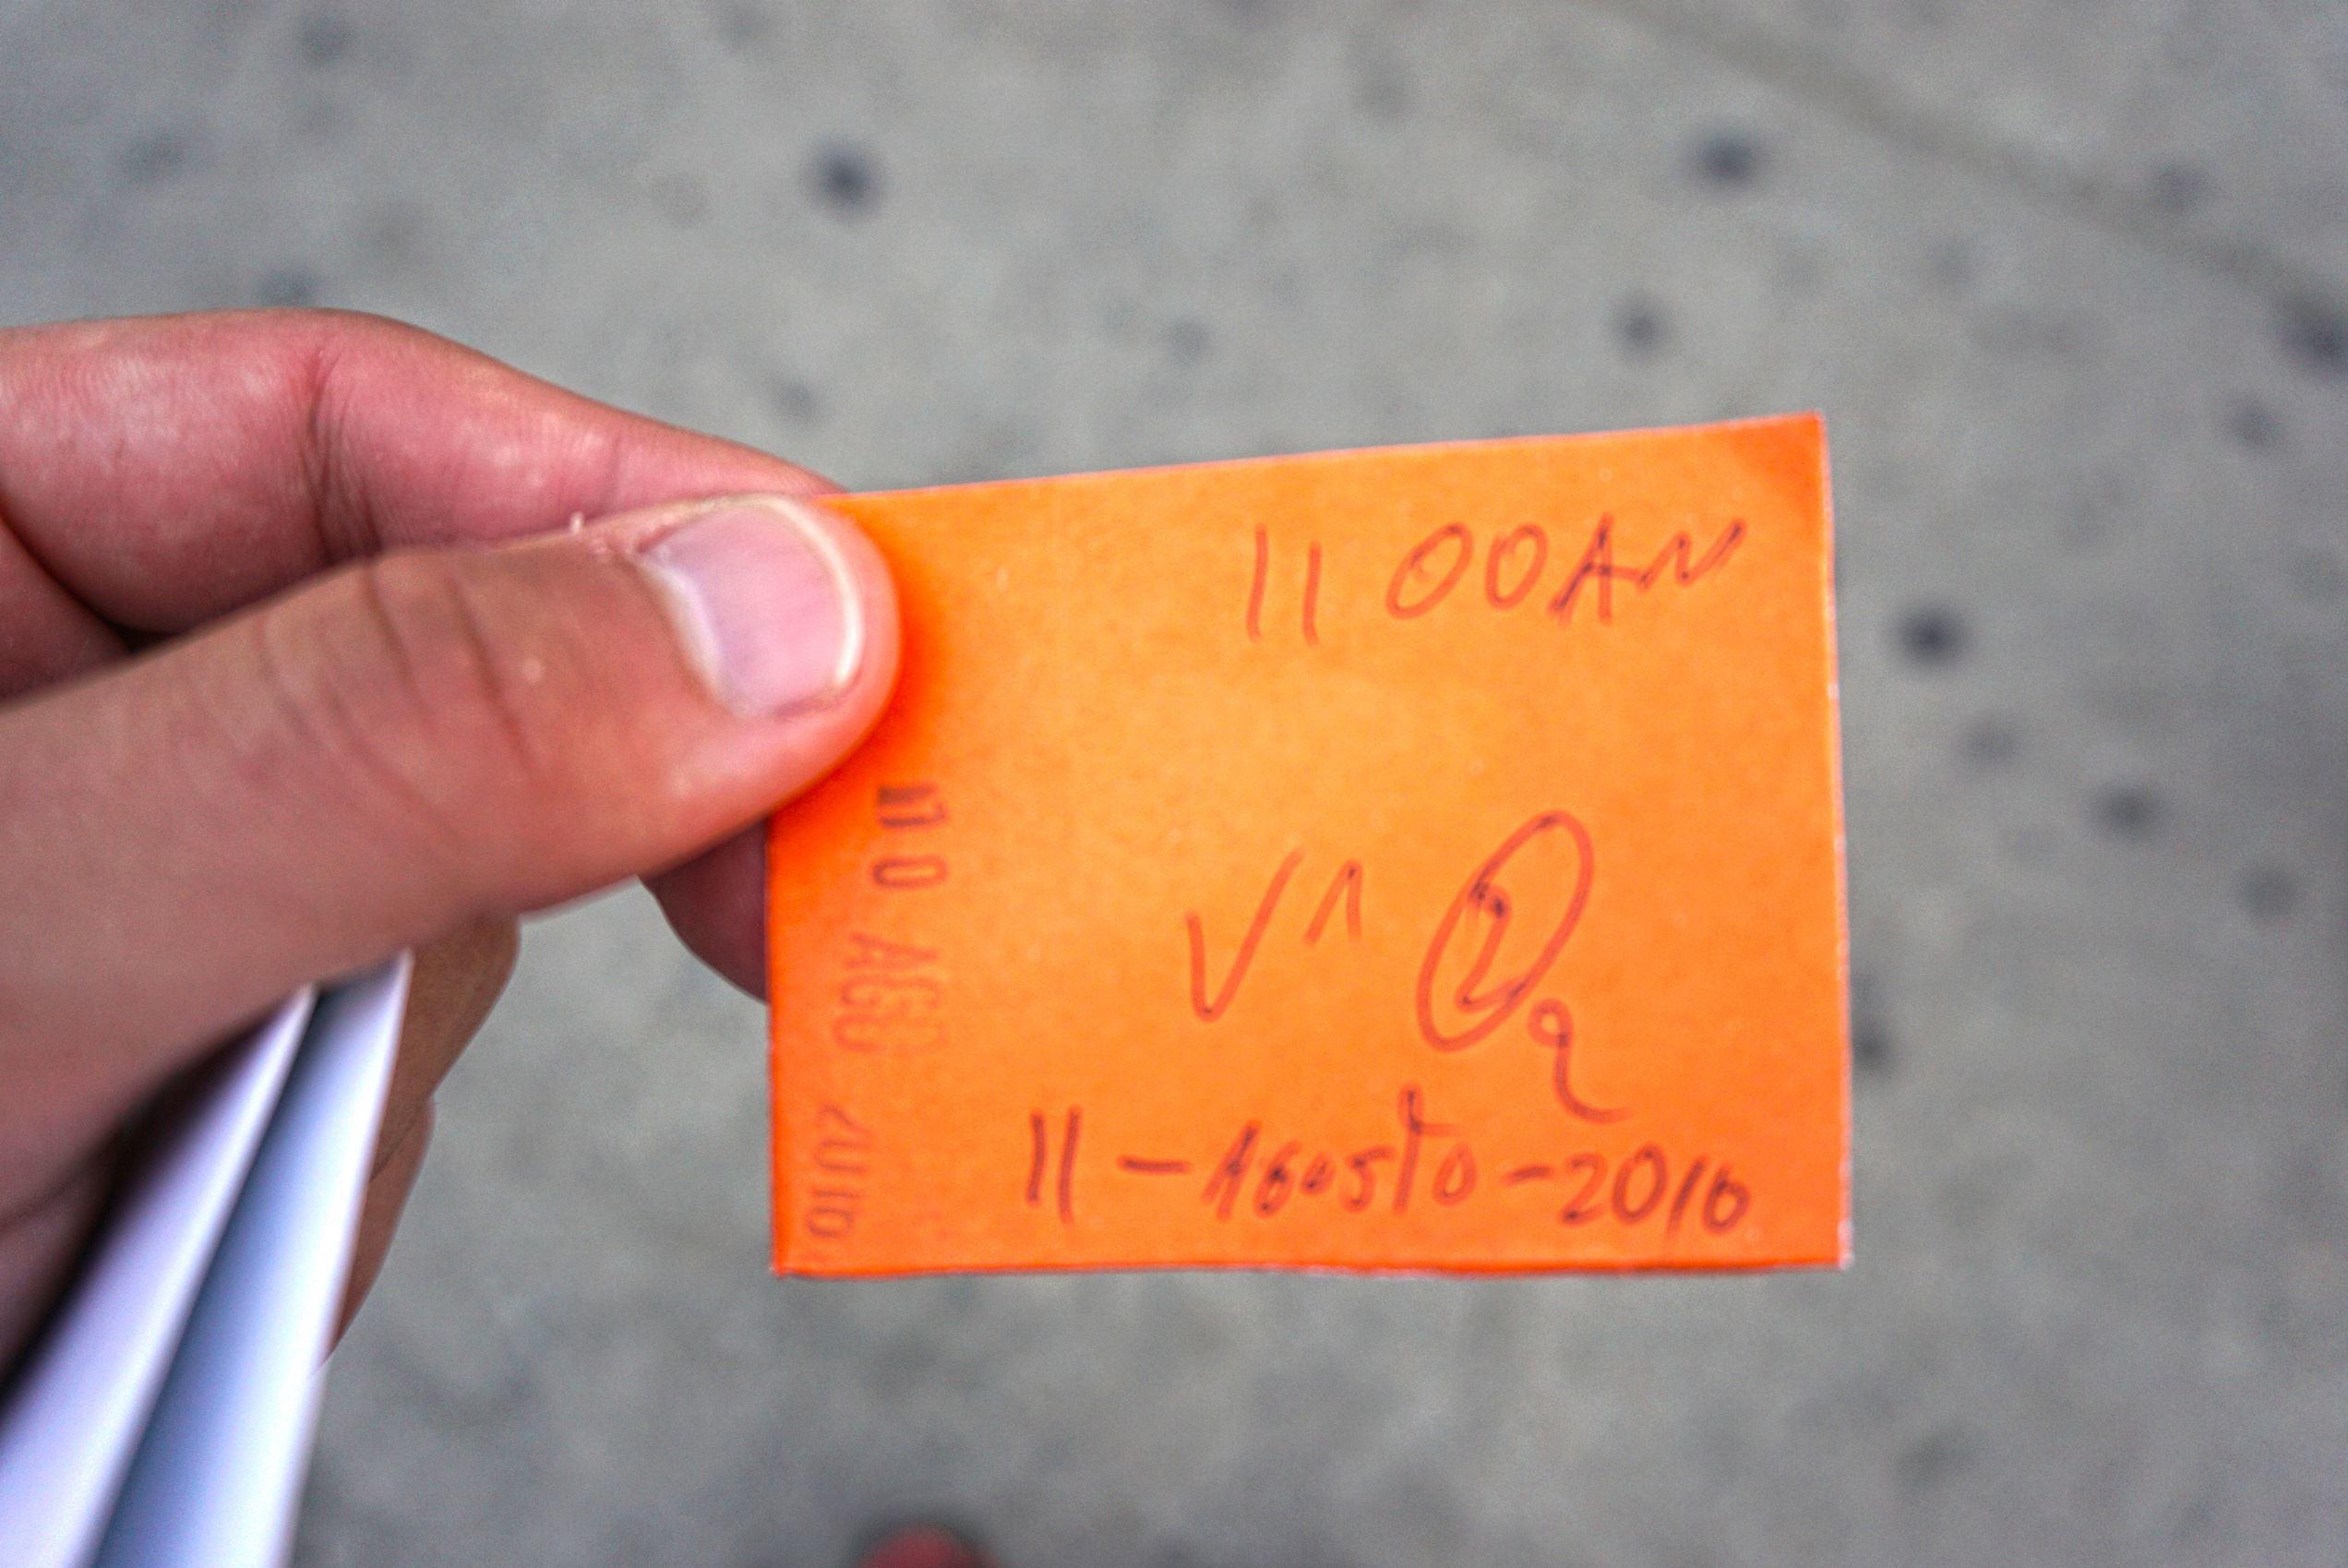 Lístok na autobus v Salente